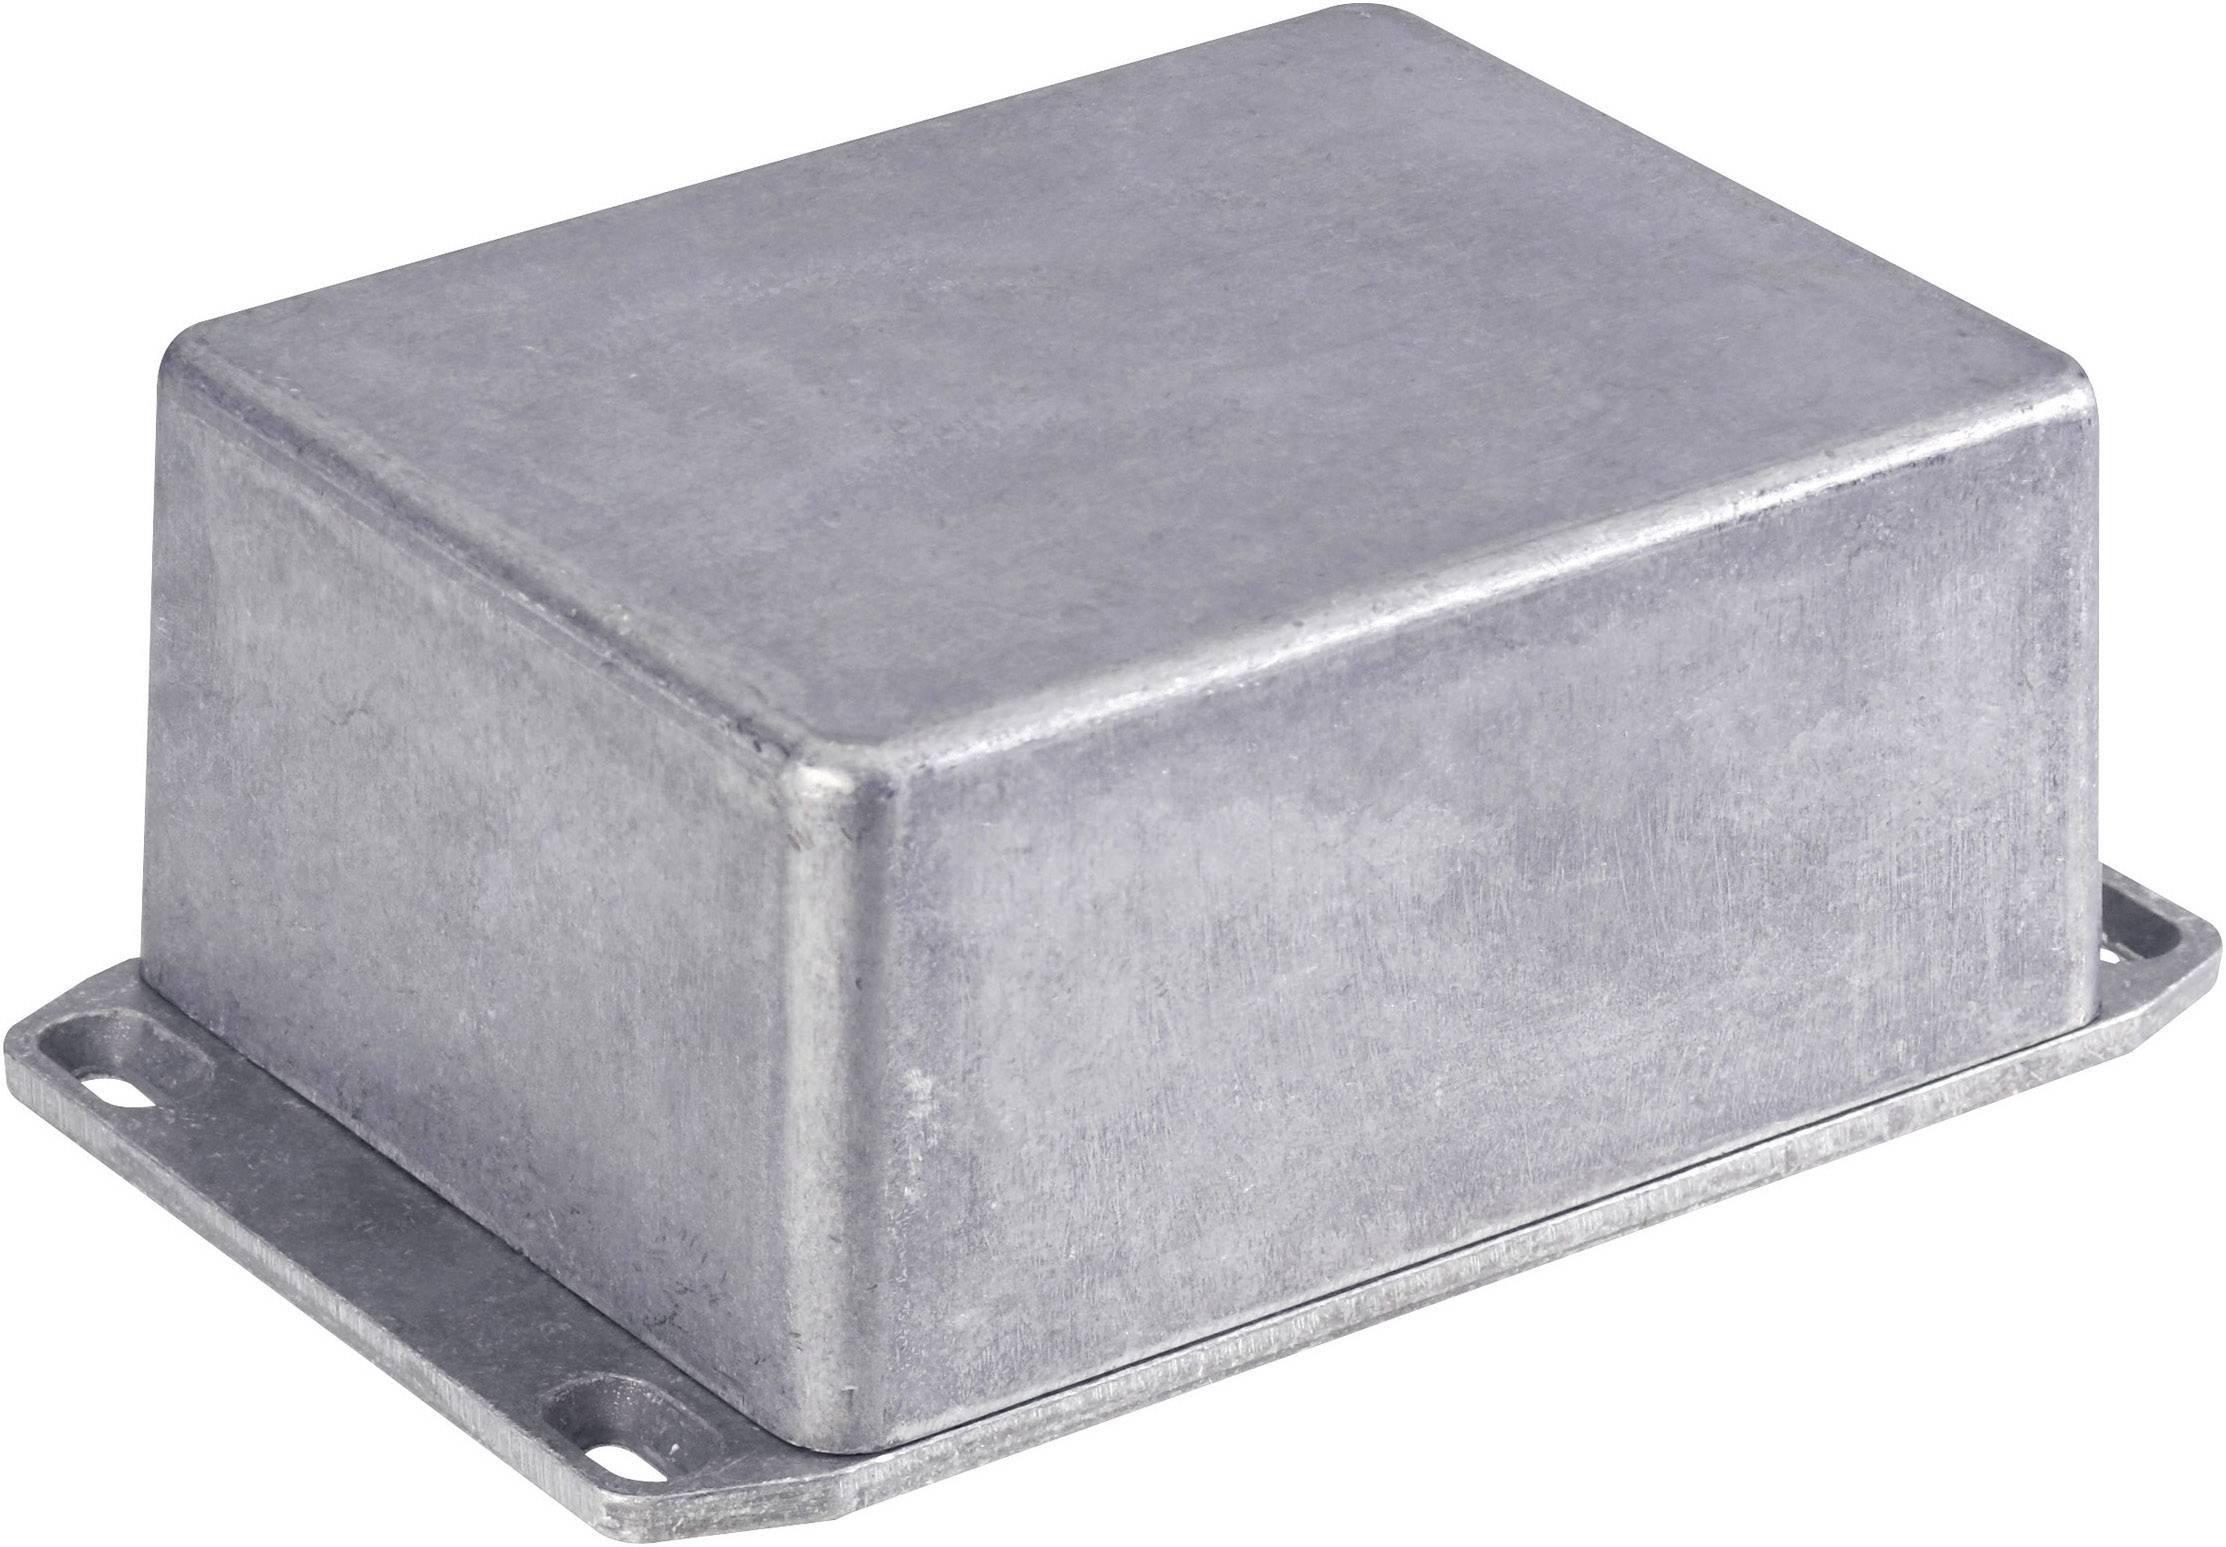 Univerzální pouzdro hliník Hammond Electronics 1590XXFL 145 x 121 x 39 1 ks